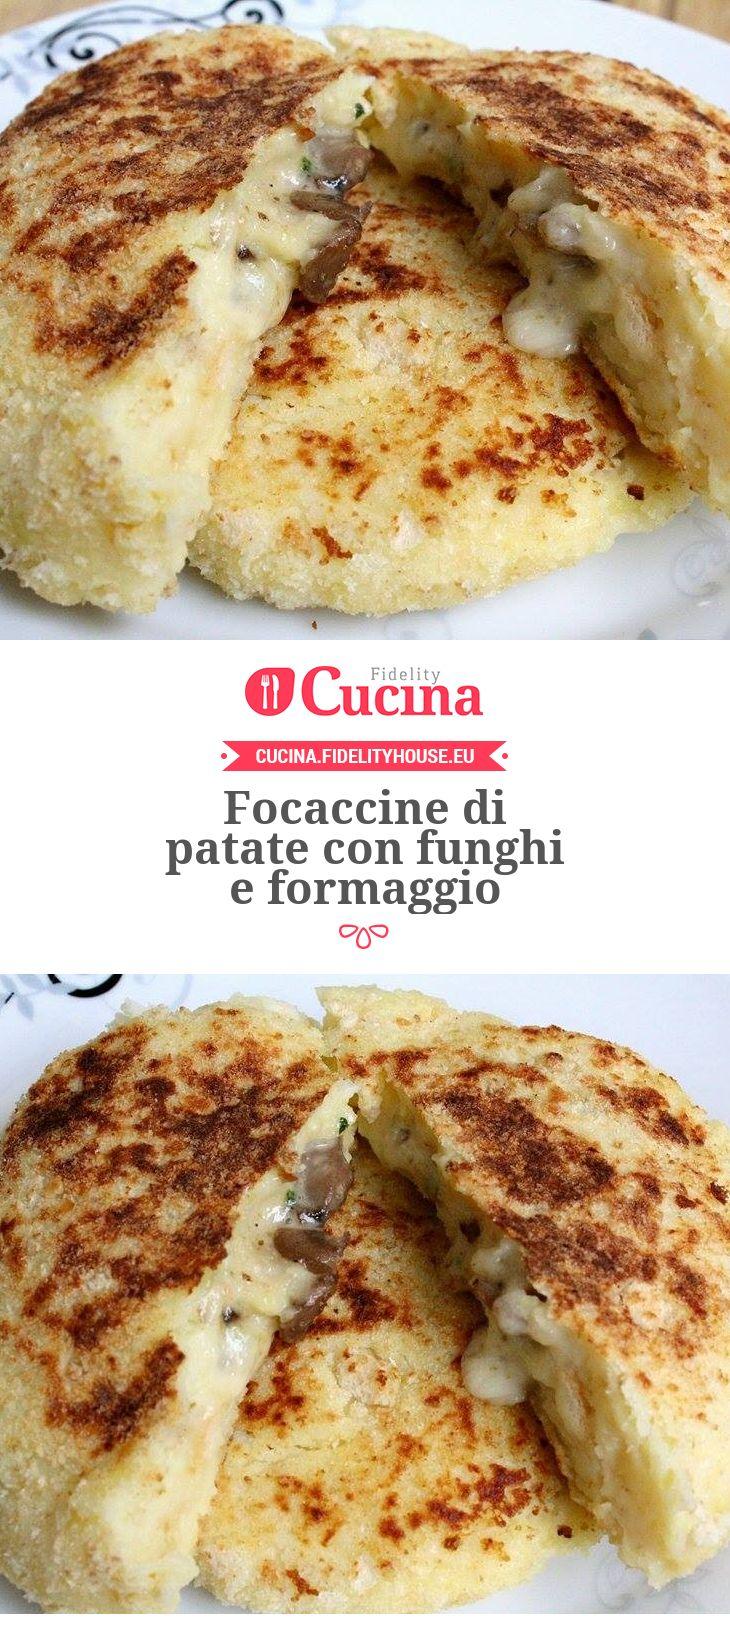 Focaccine di #patate con #funghi e #formaggio della nostra utente Vittoria. Unisciti alla nostra Community ed invia le tue ricette!